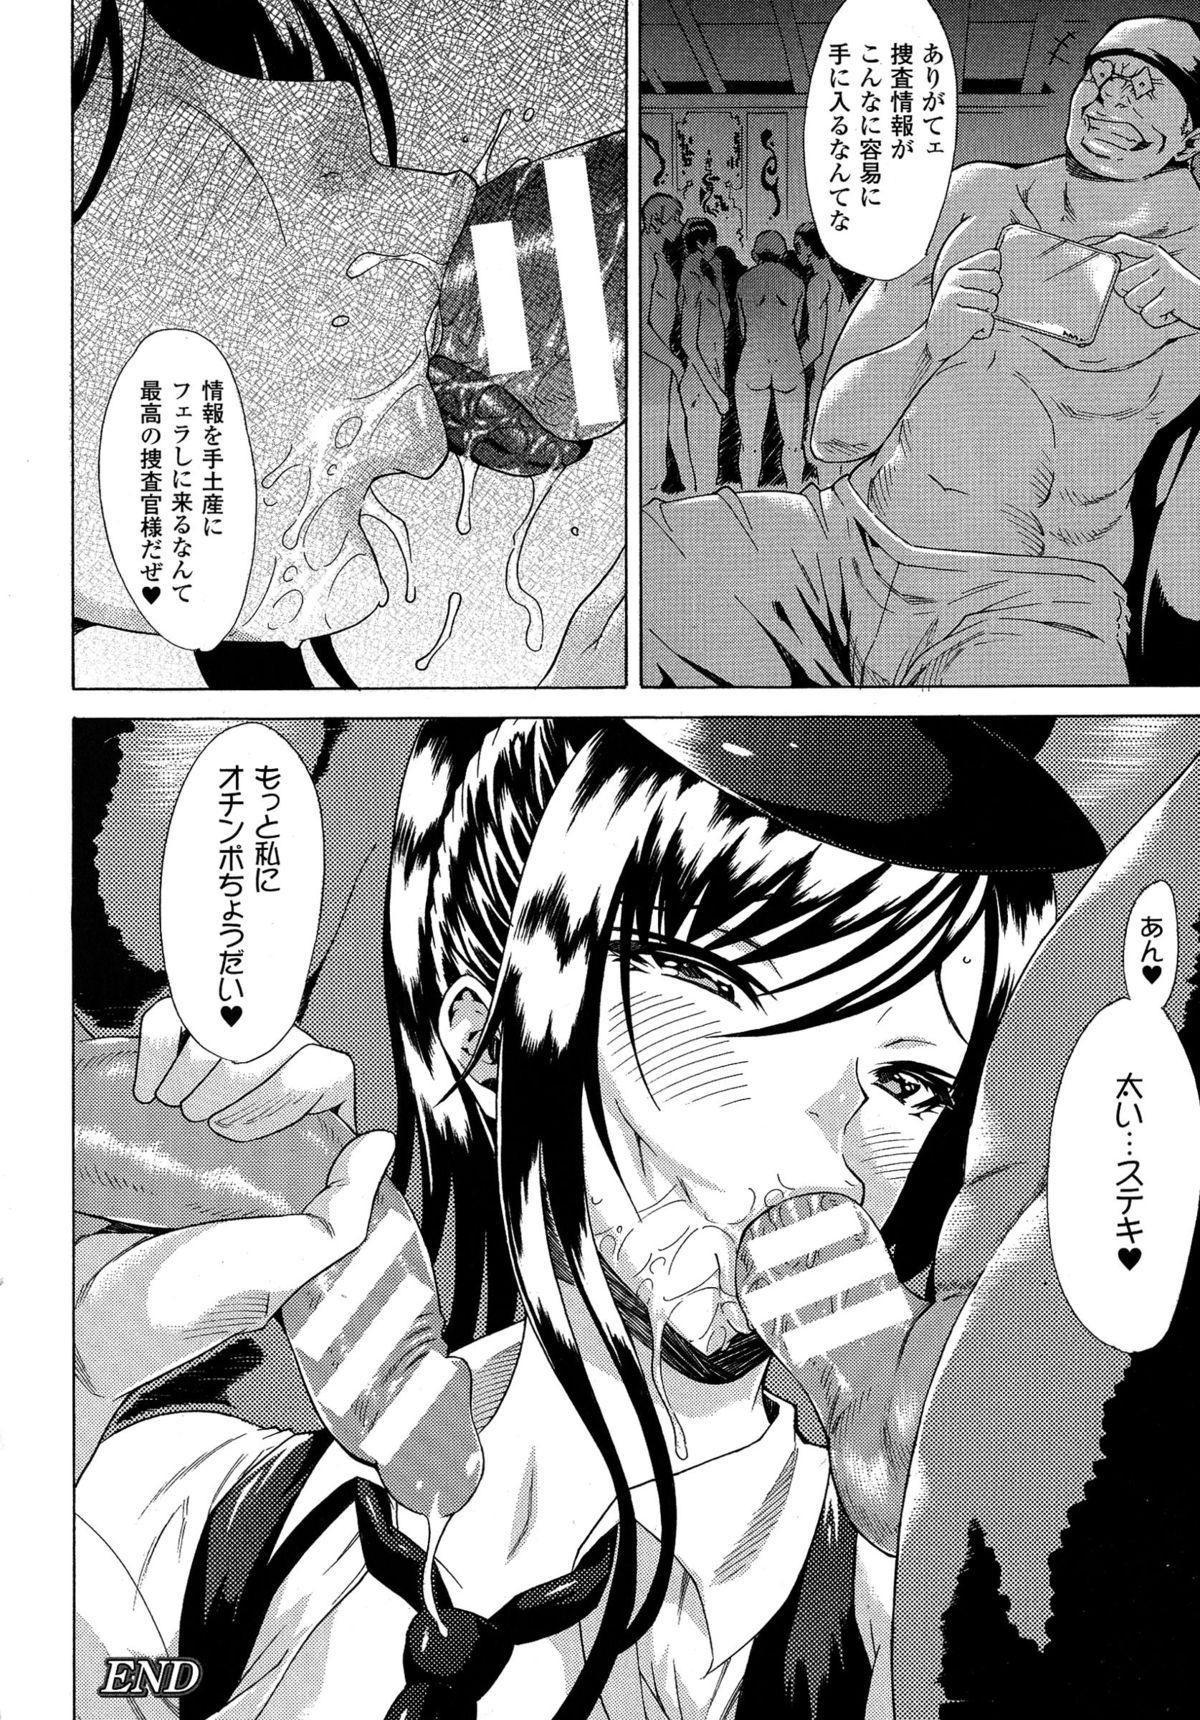 Kachiki na Onna ga Buzama na Ahegao o Sarasu made 43